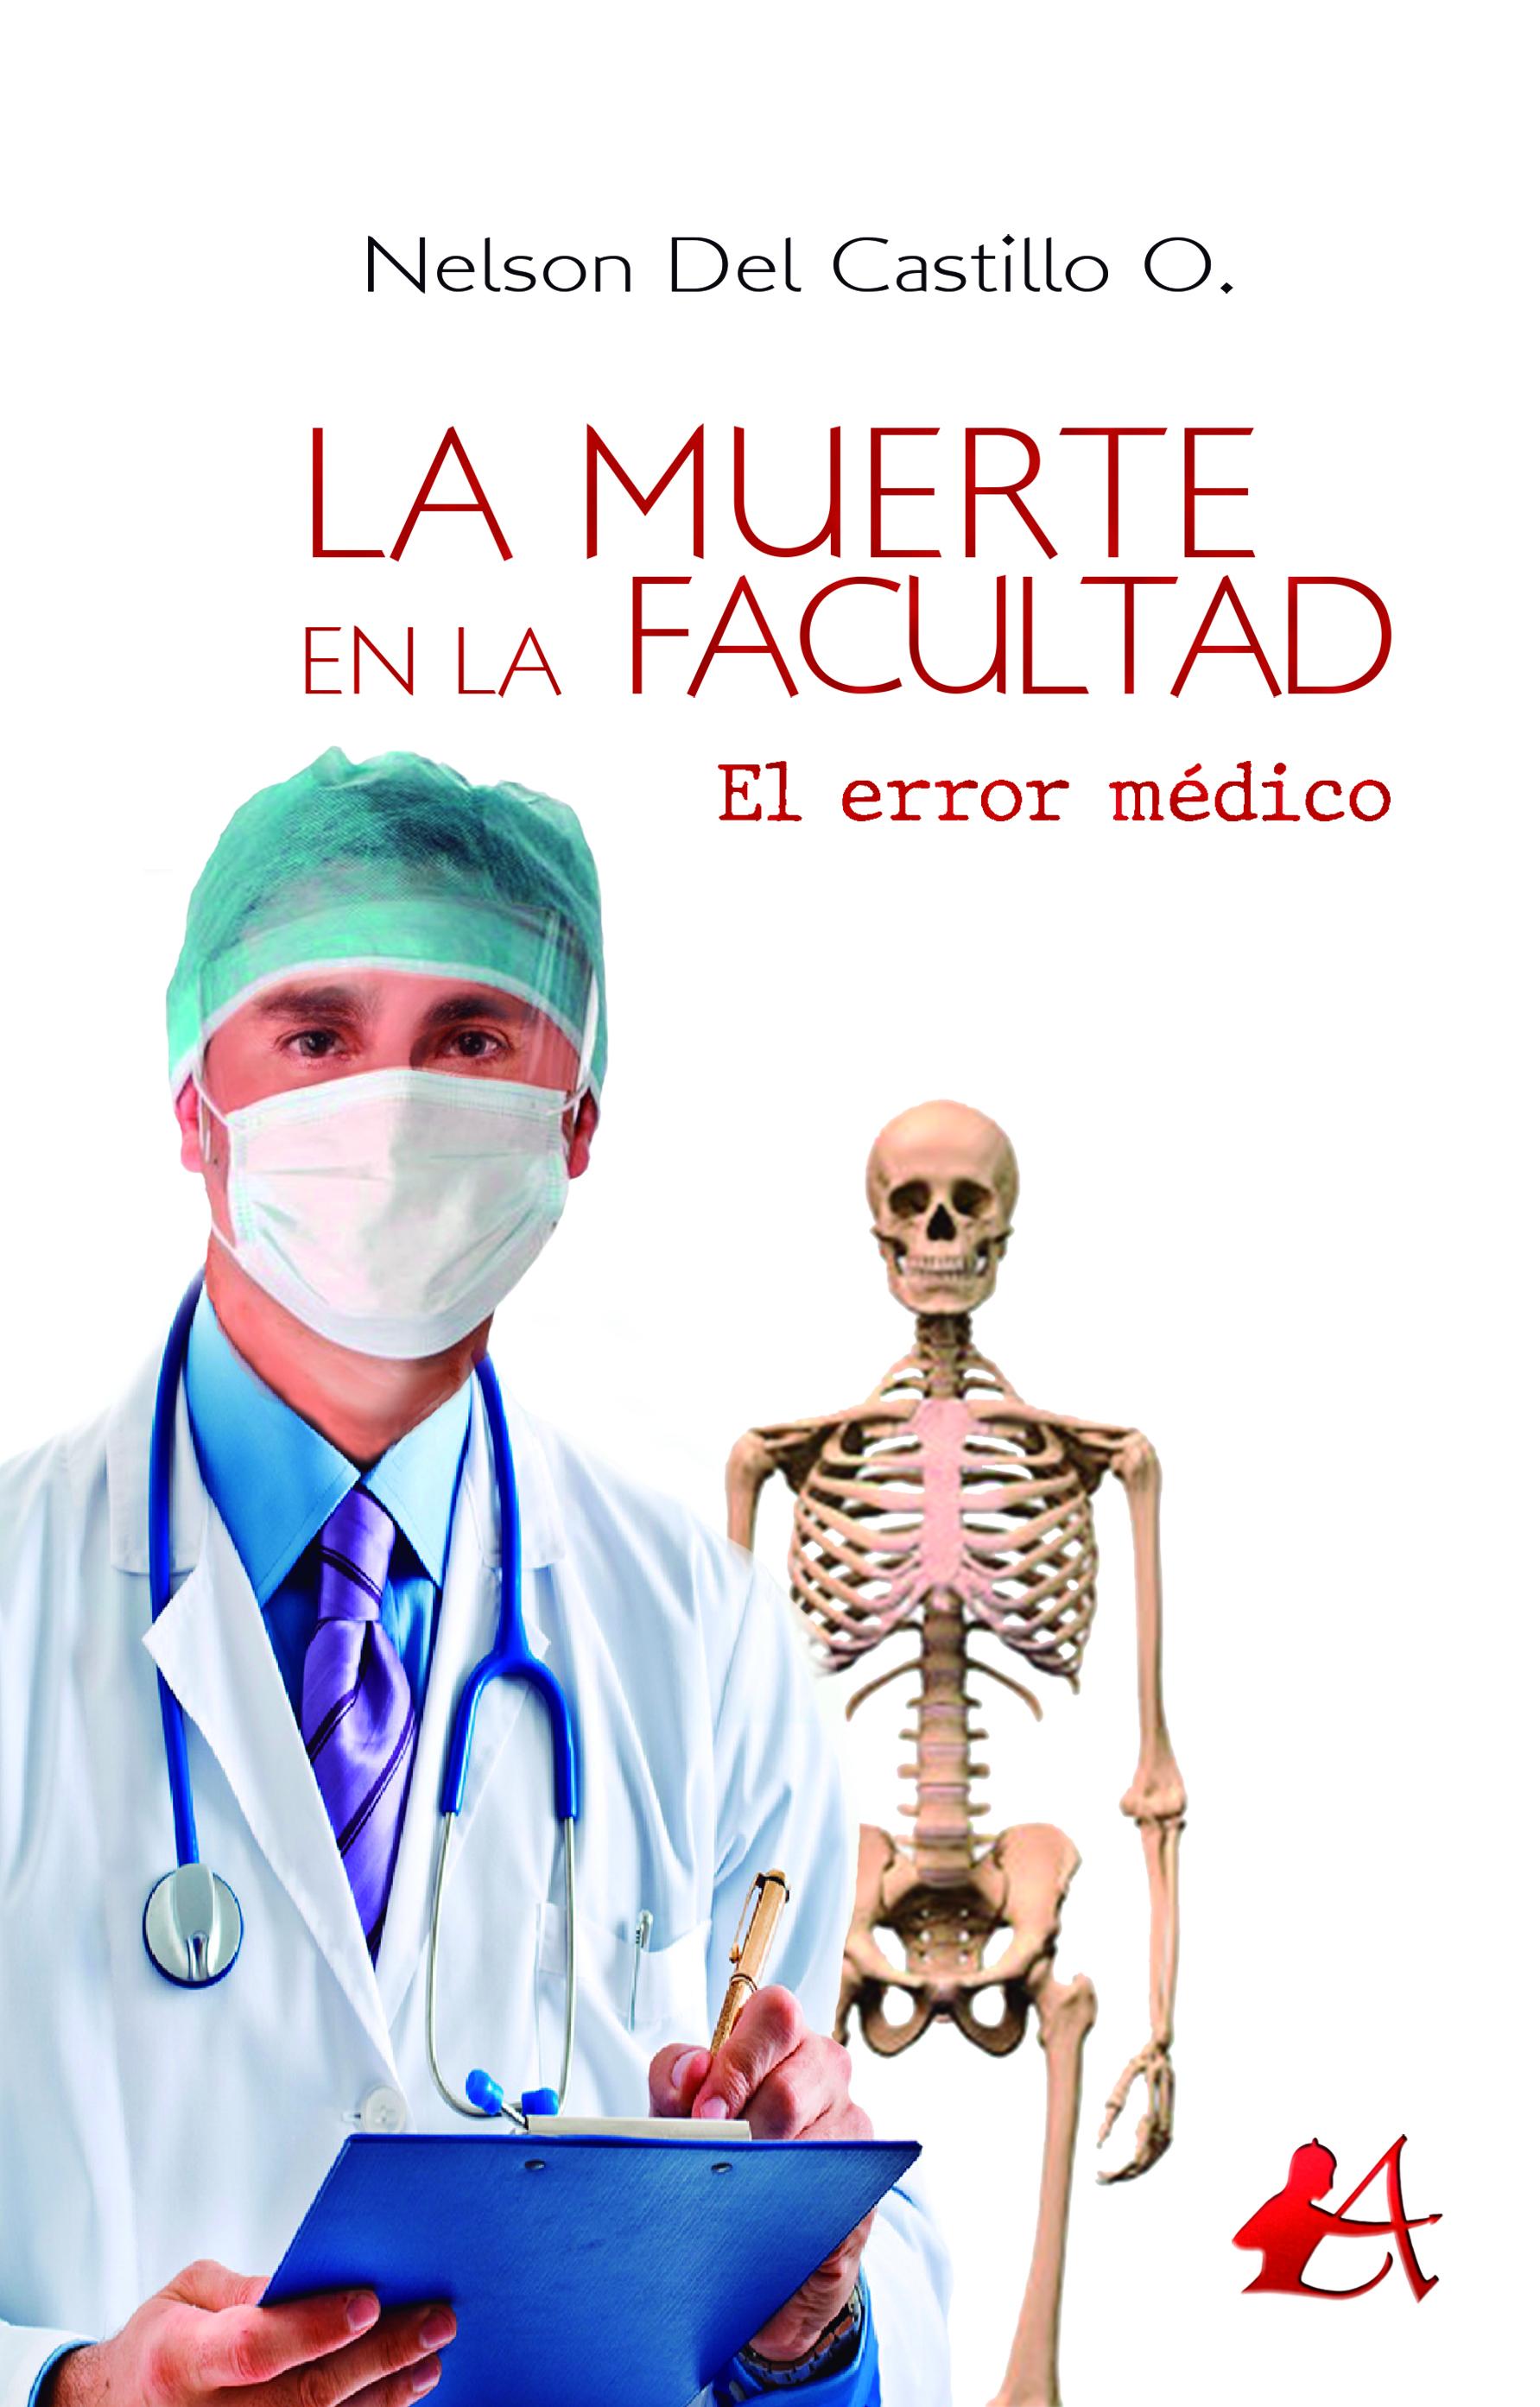 Portada del libro La muerte en la facultad de Nelson del Castillo O. Escritores de hoy, promoción de autores